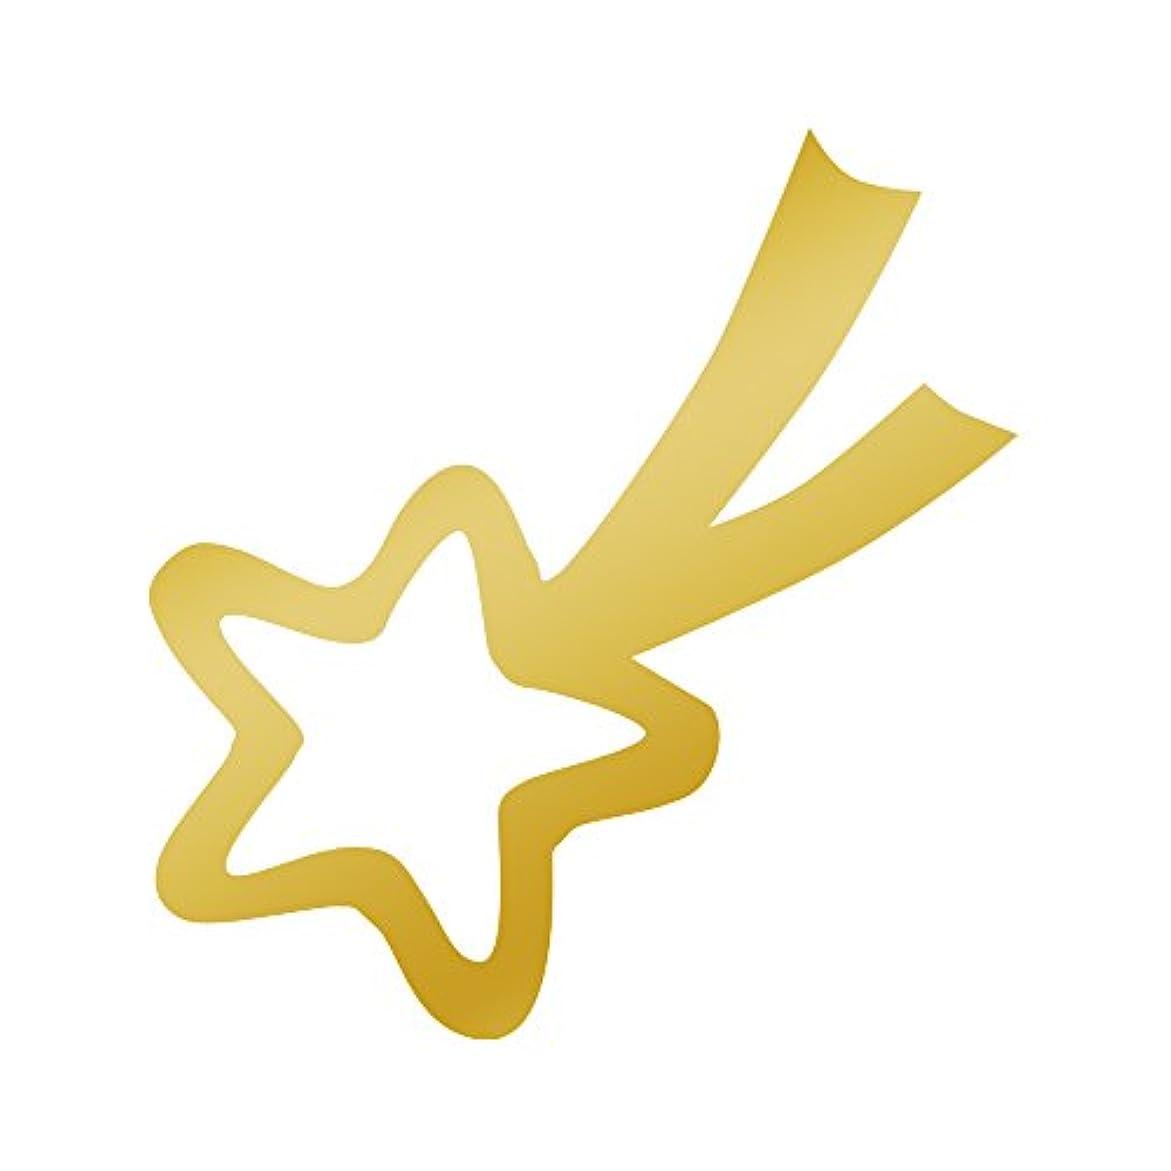 リトルプリティー ネイルアートパーツ 流れ星 S ゴールド 10個